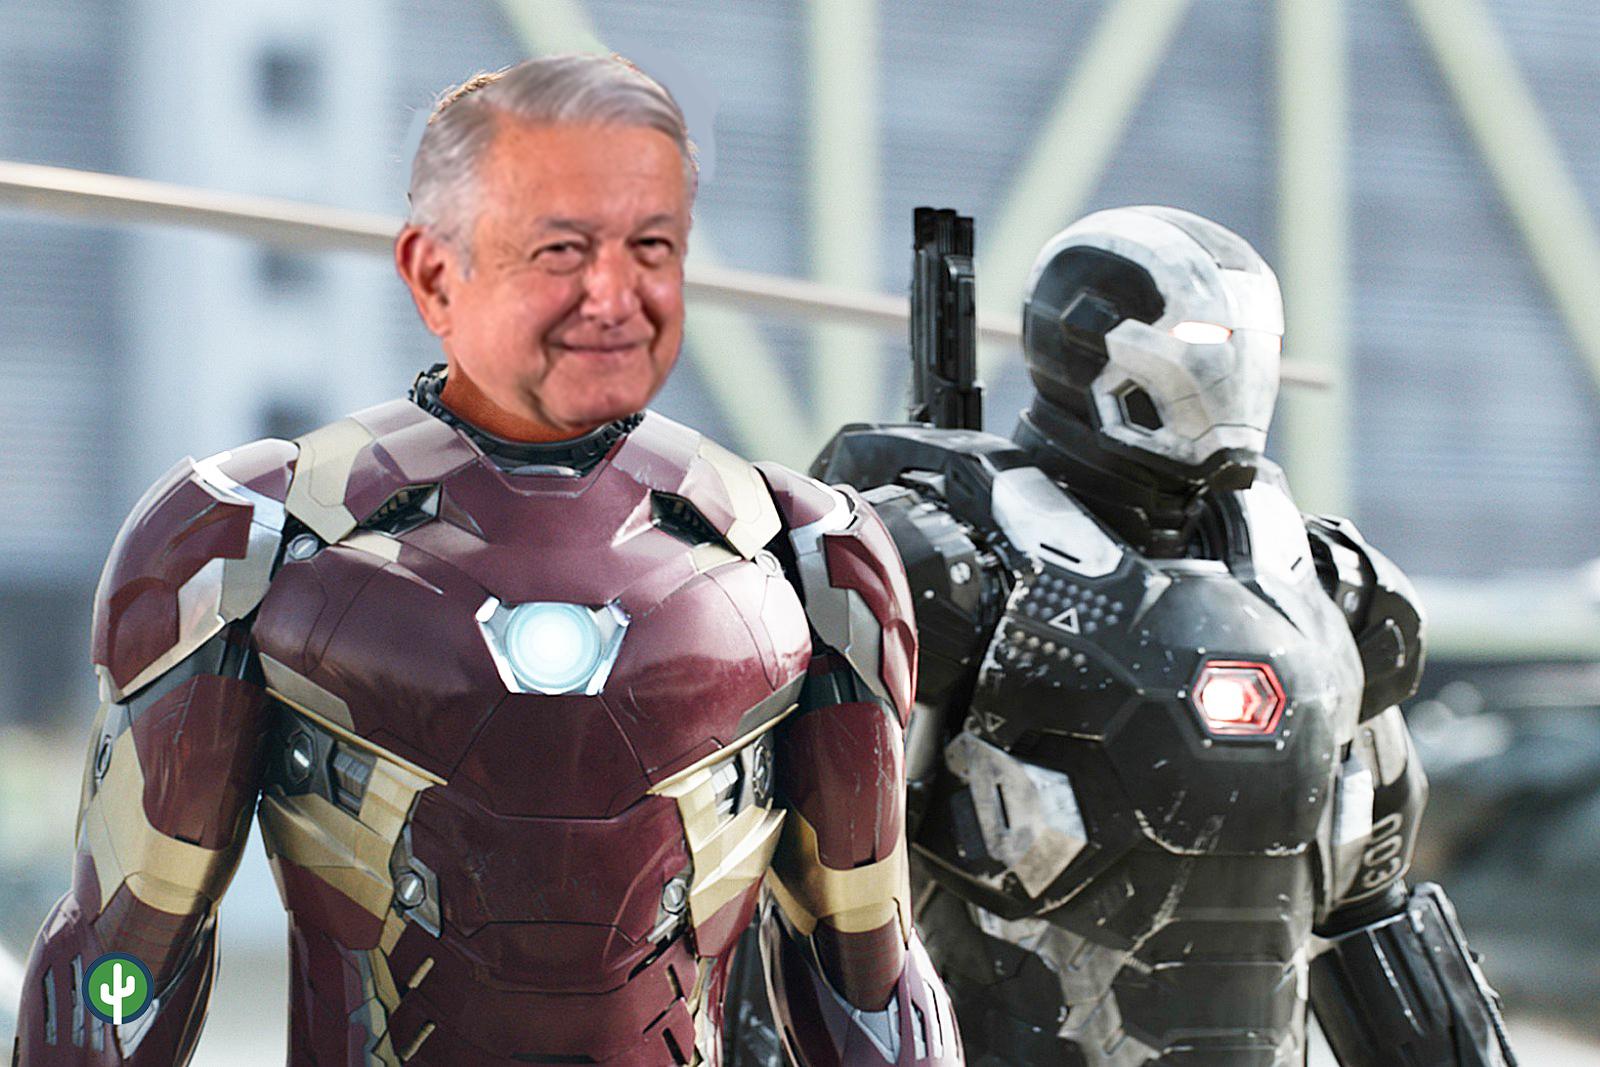 AMLO Iron Man Meme